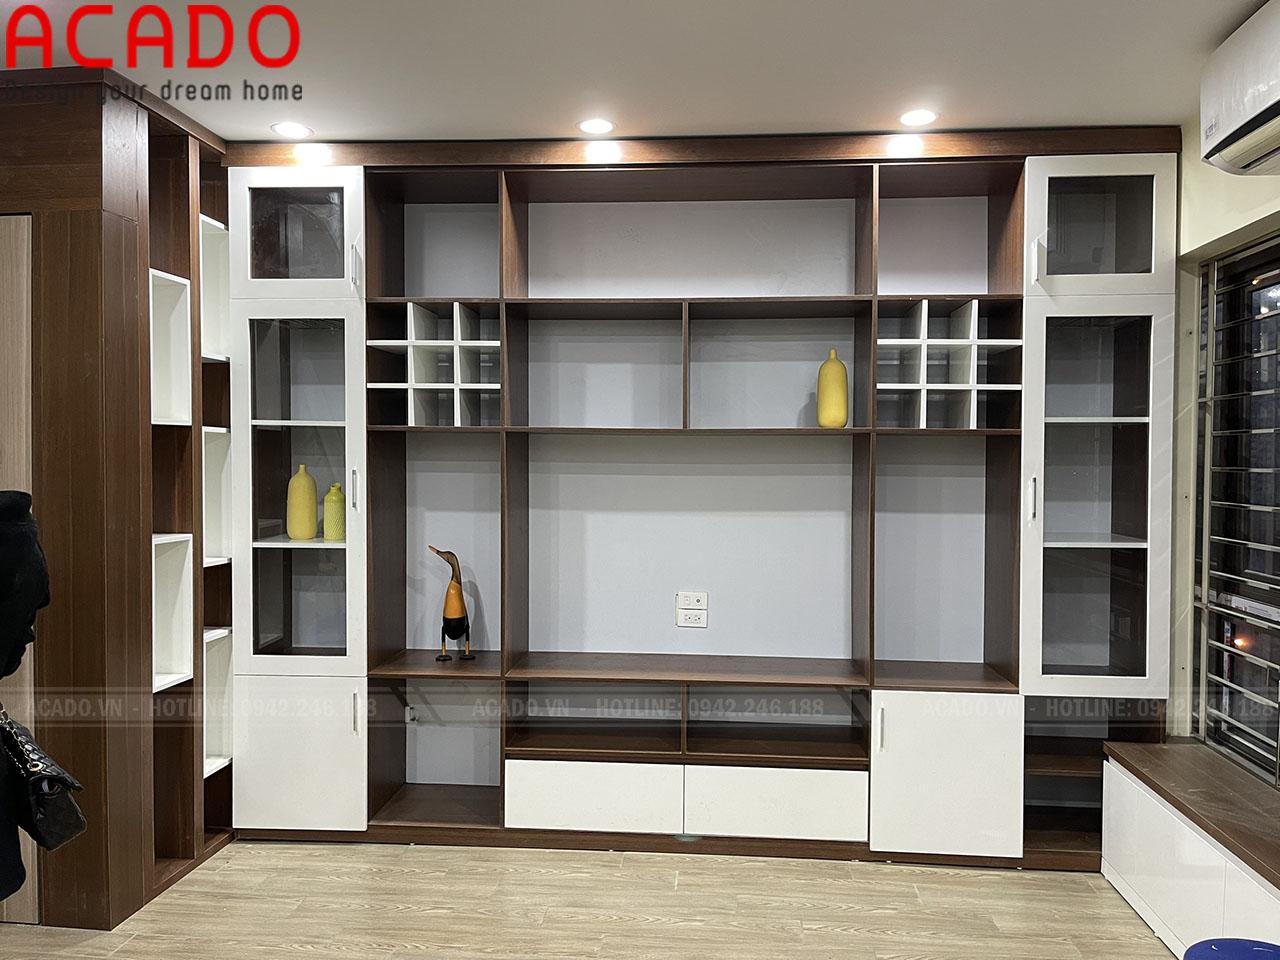 Thi công hoàn thiện vách kệ tivi cho không gian phòng khách - Thi công nội thất tại Lê Trọng Tấn